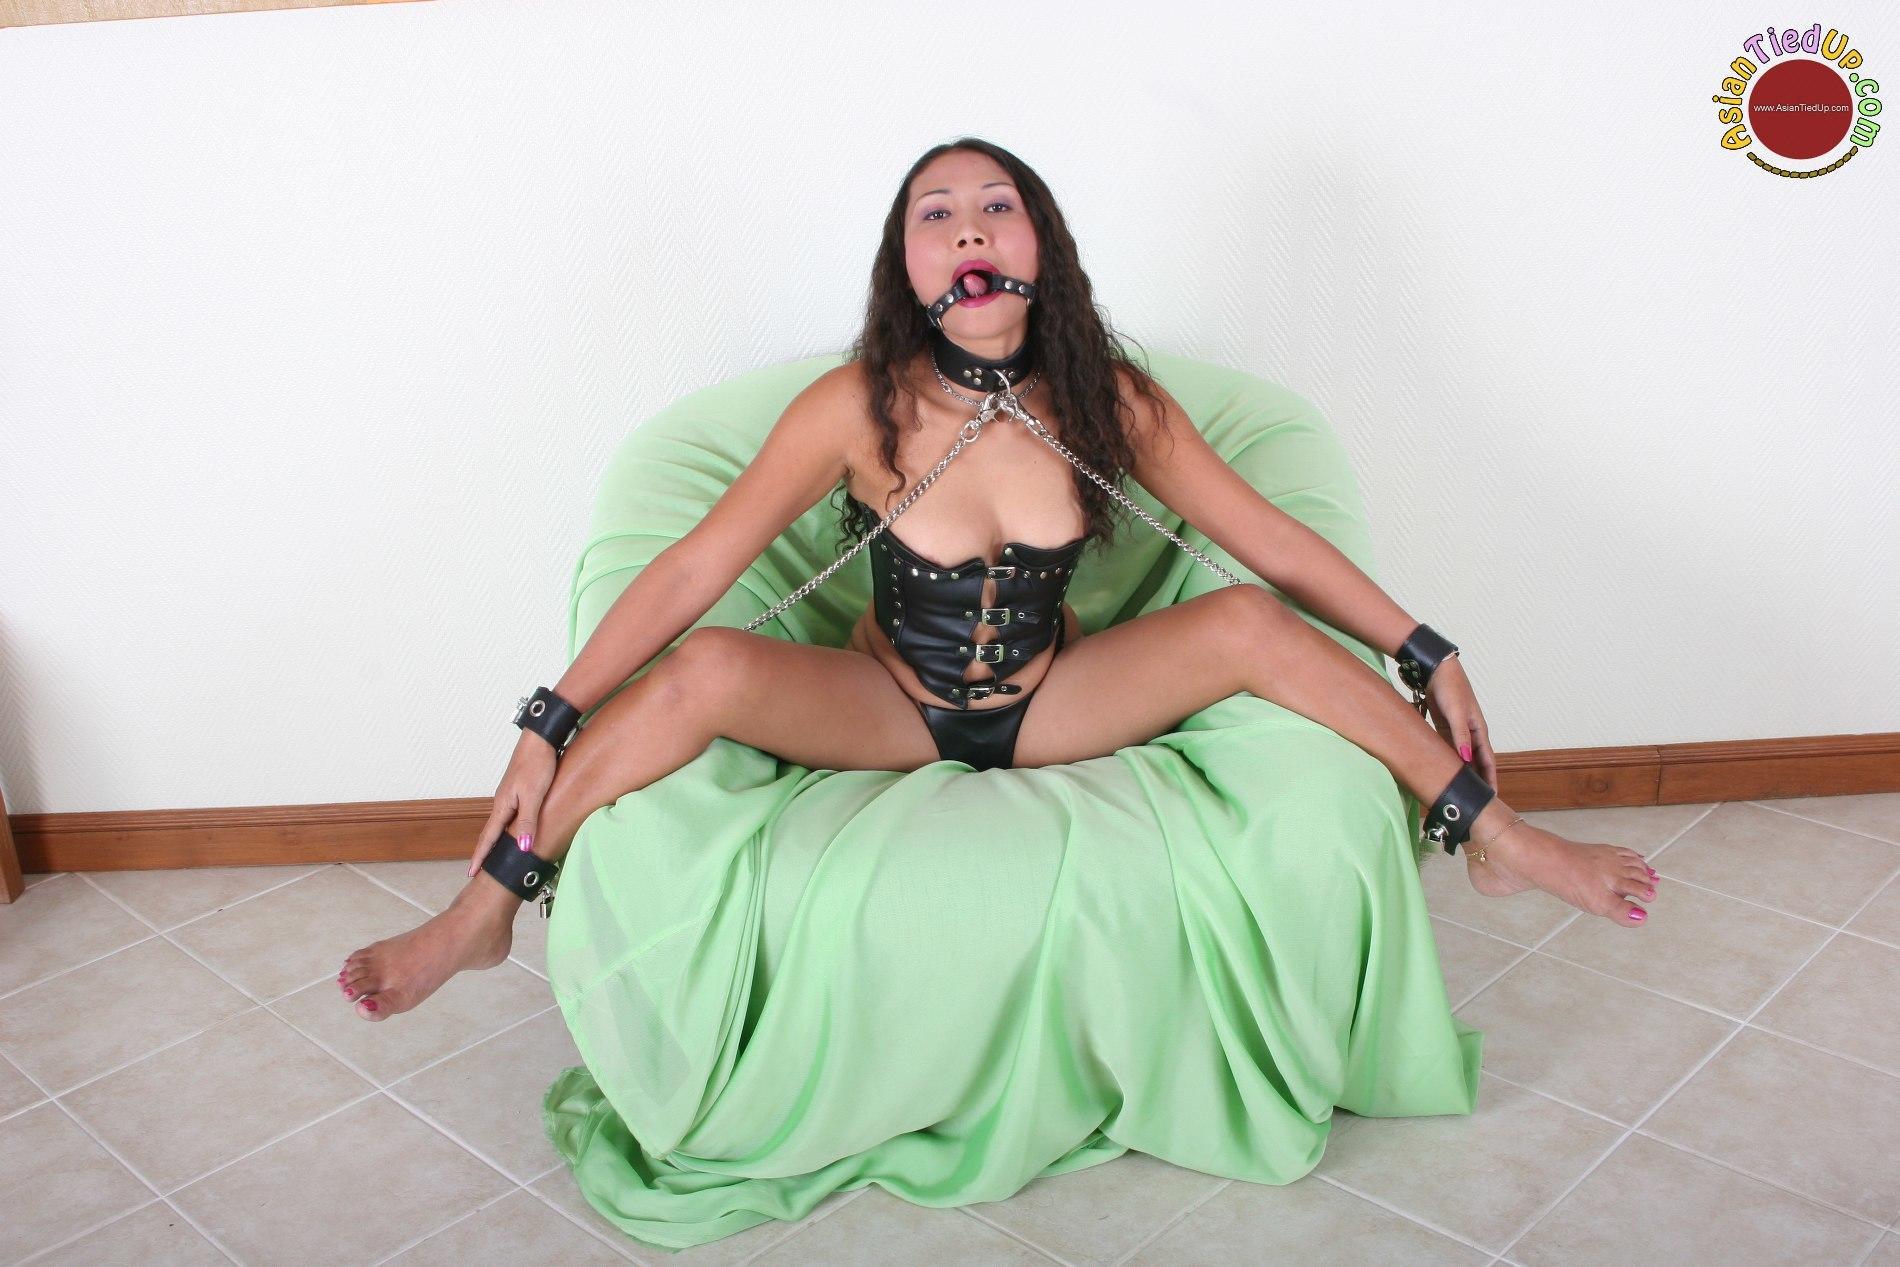 sexy women flashing pussy